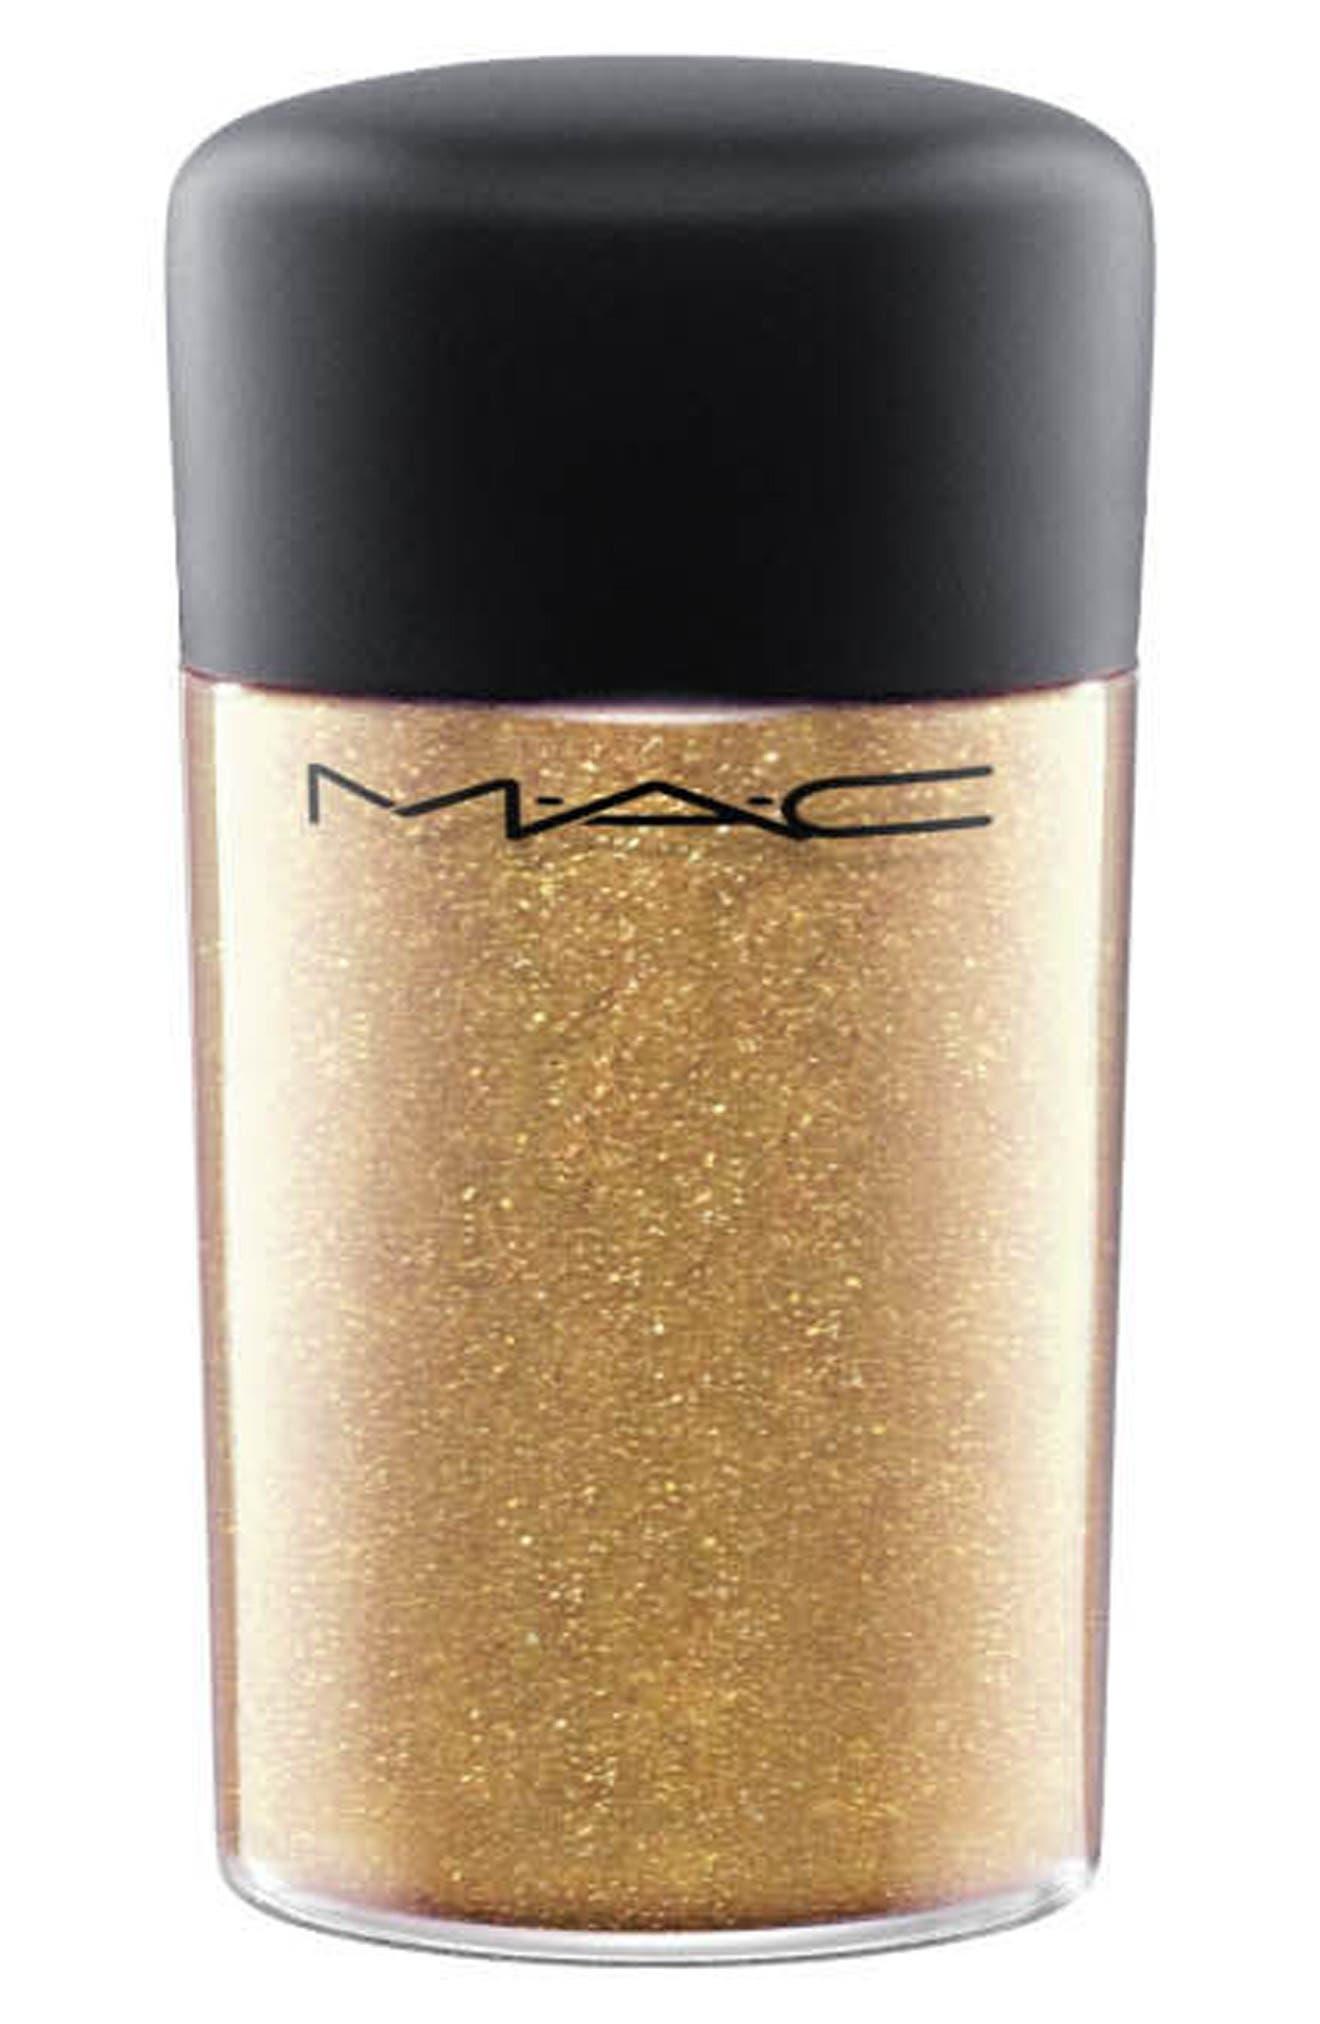 MAC Pro Pigments,                         Main,                         color, Gold